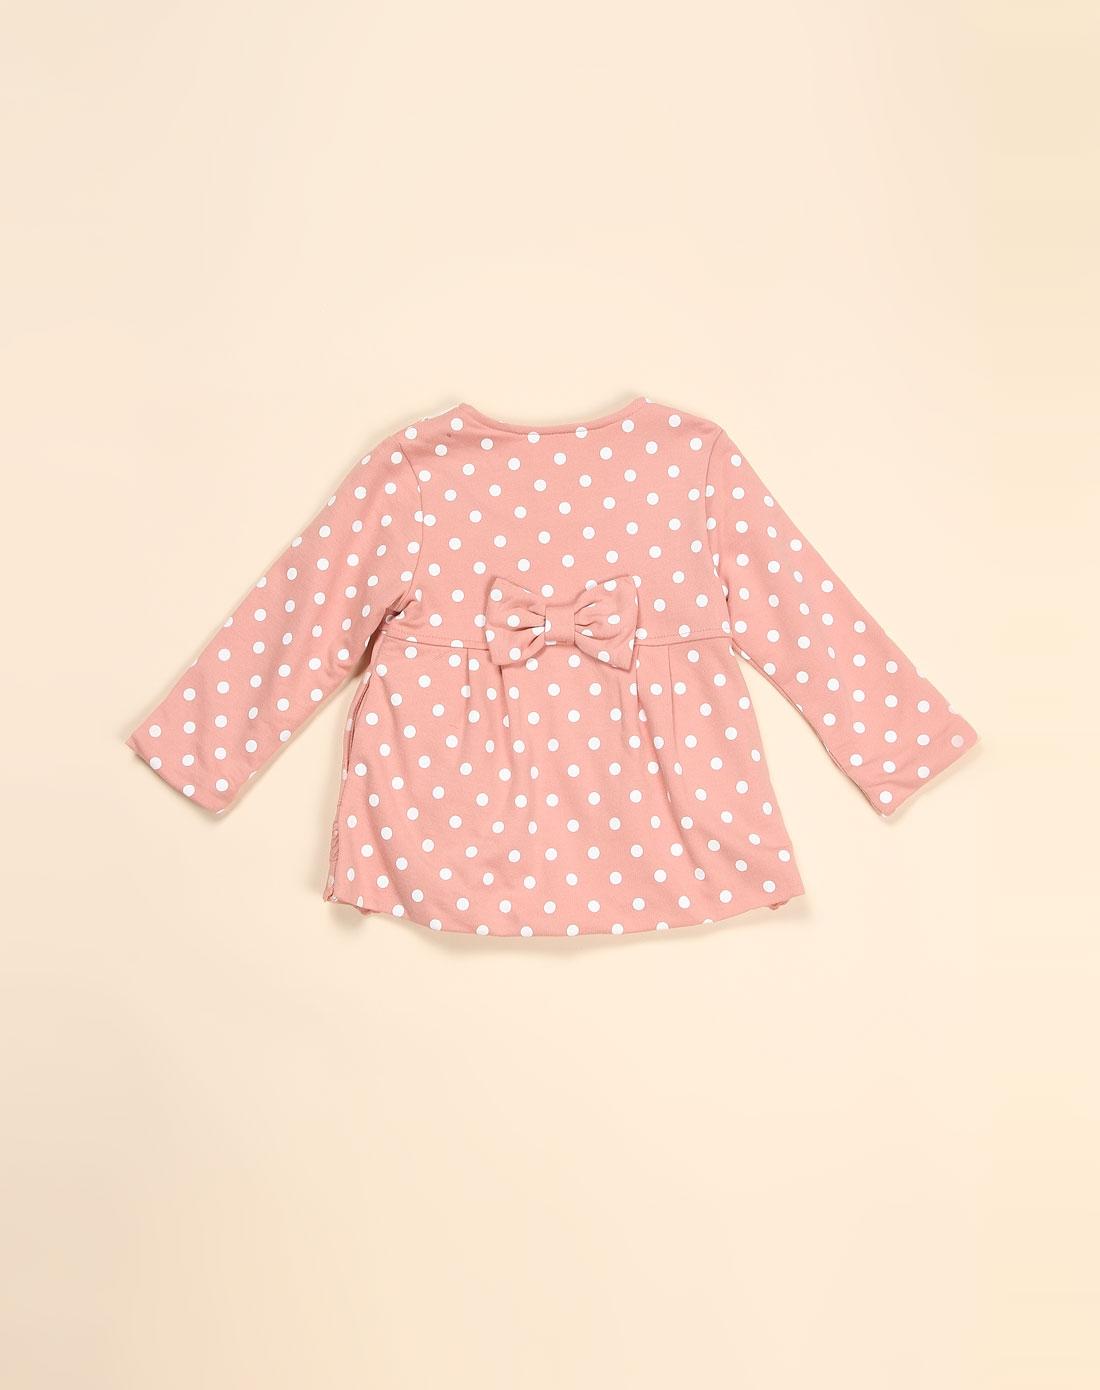 女童圆点可爱深粉色长袖夹里外套